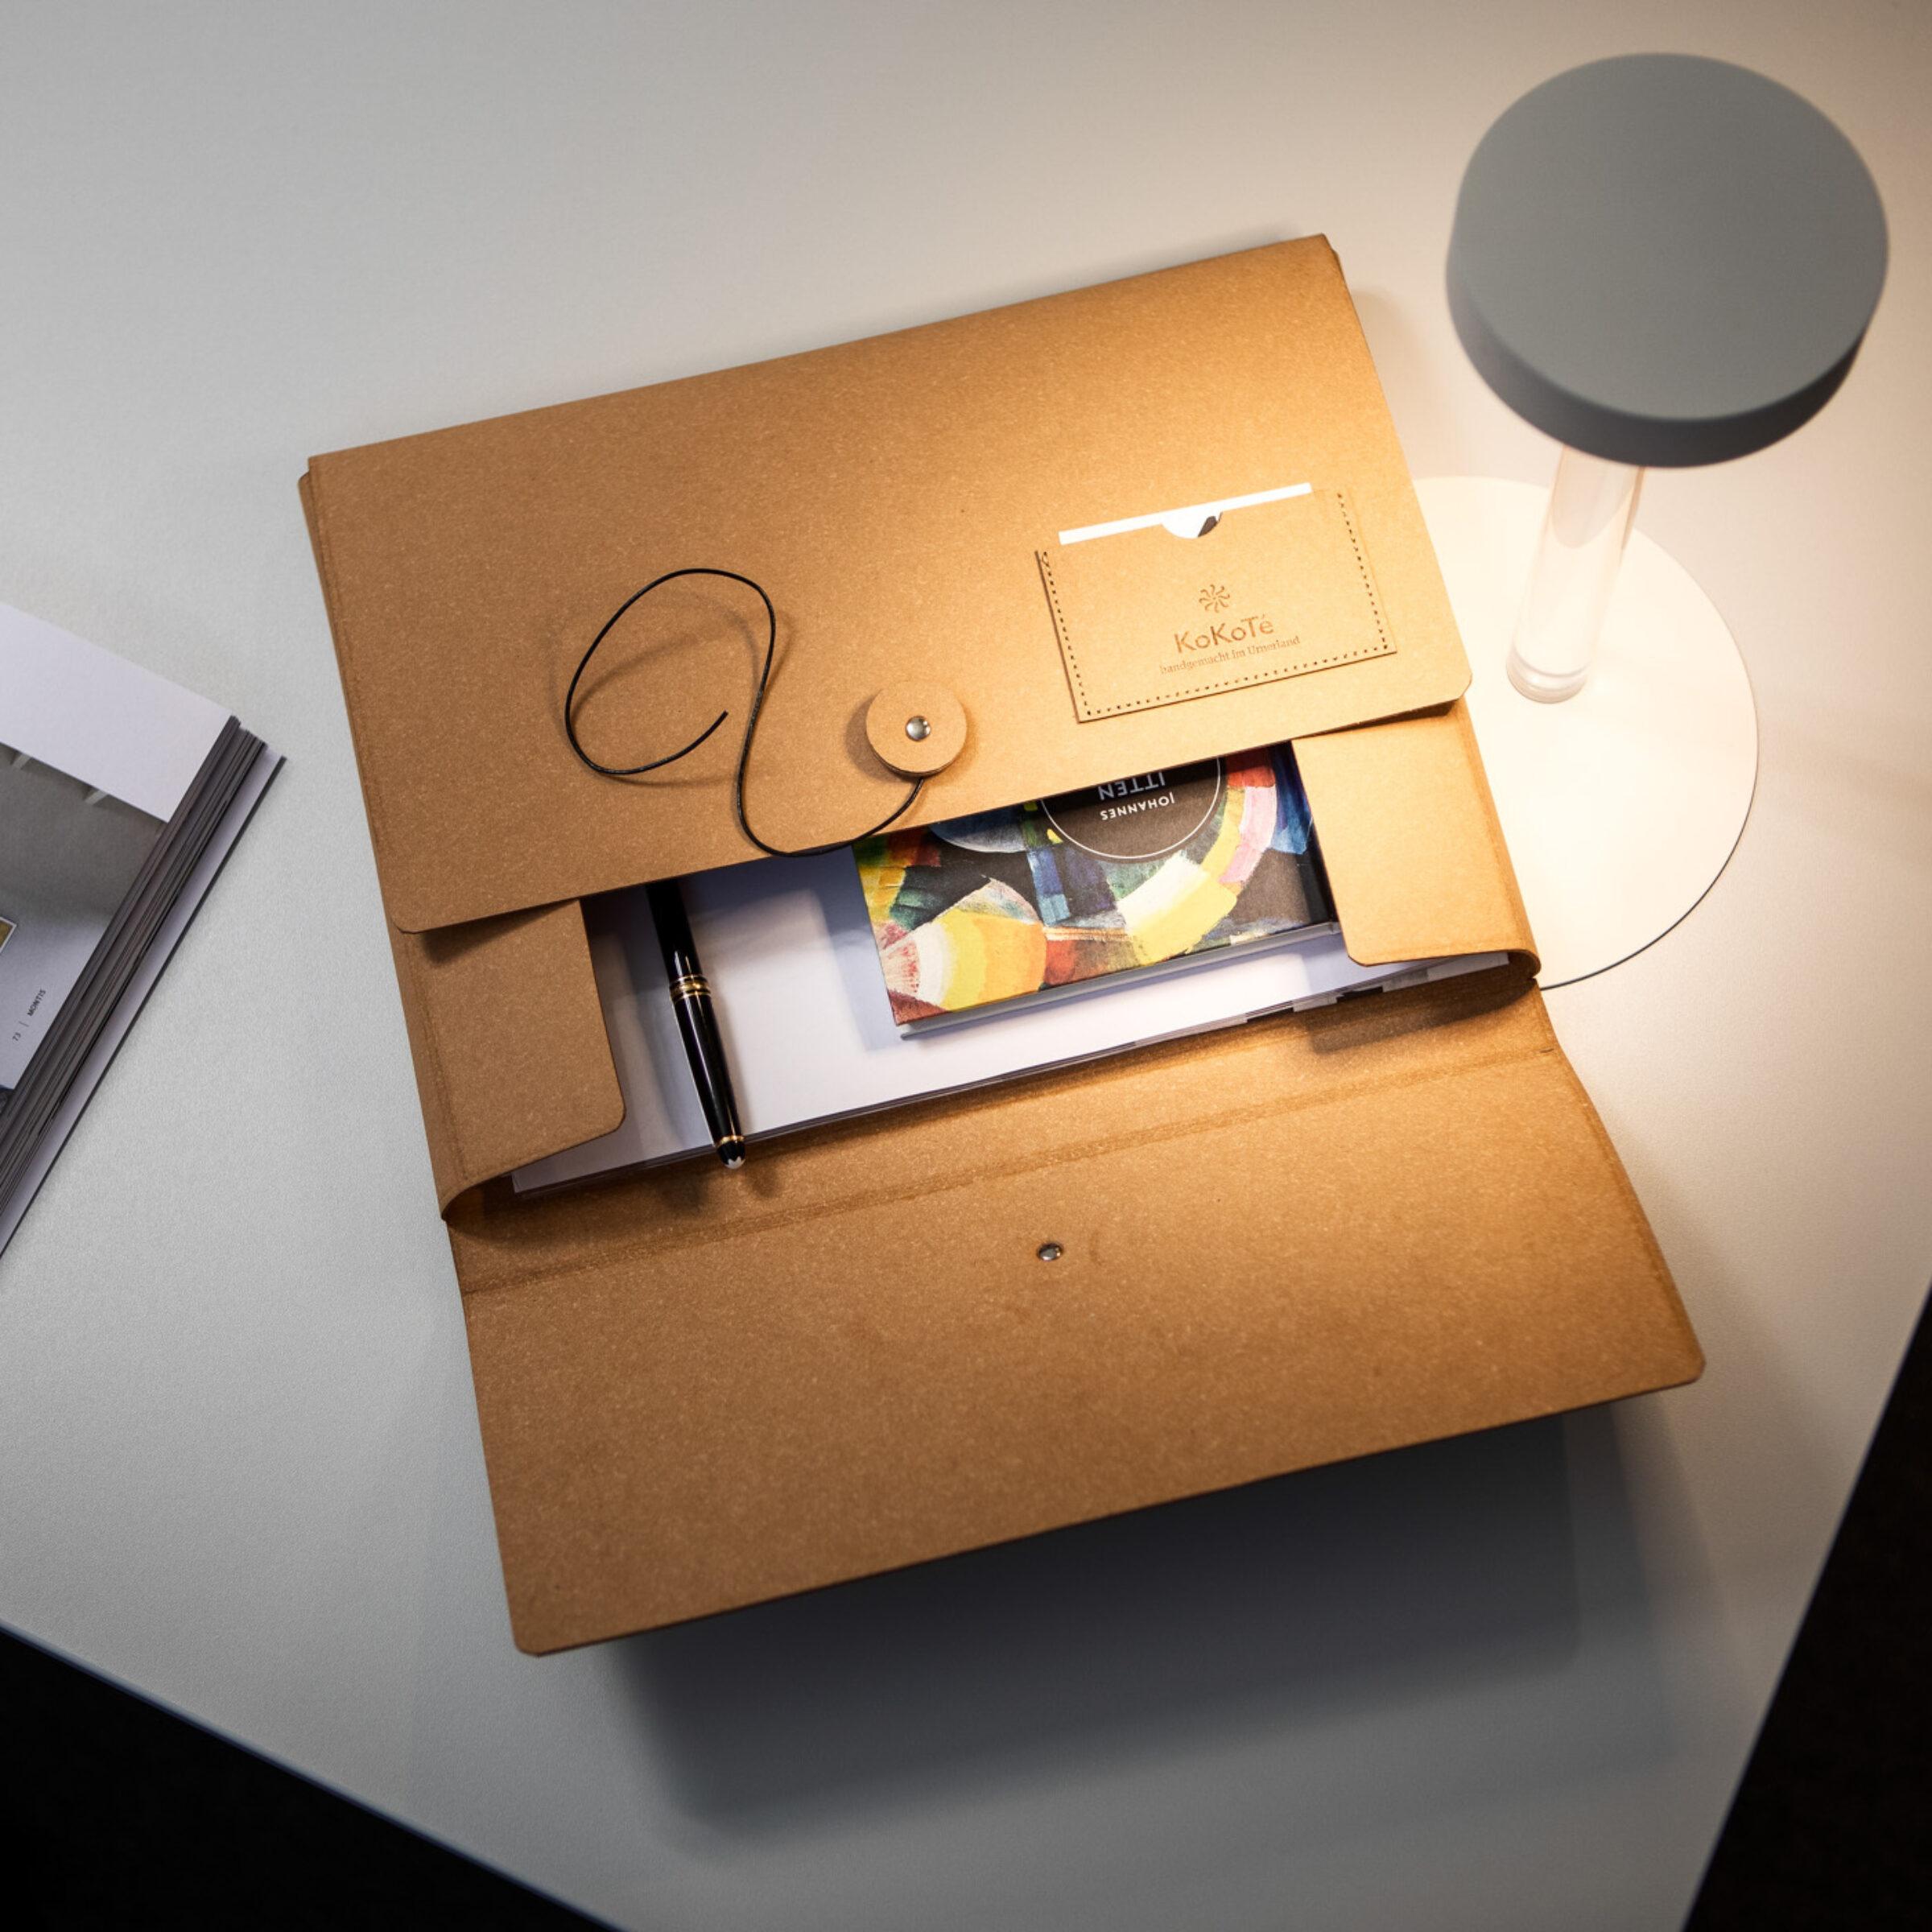 Produkte Webpage 1400 Kokote 1x1 fxb 6627